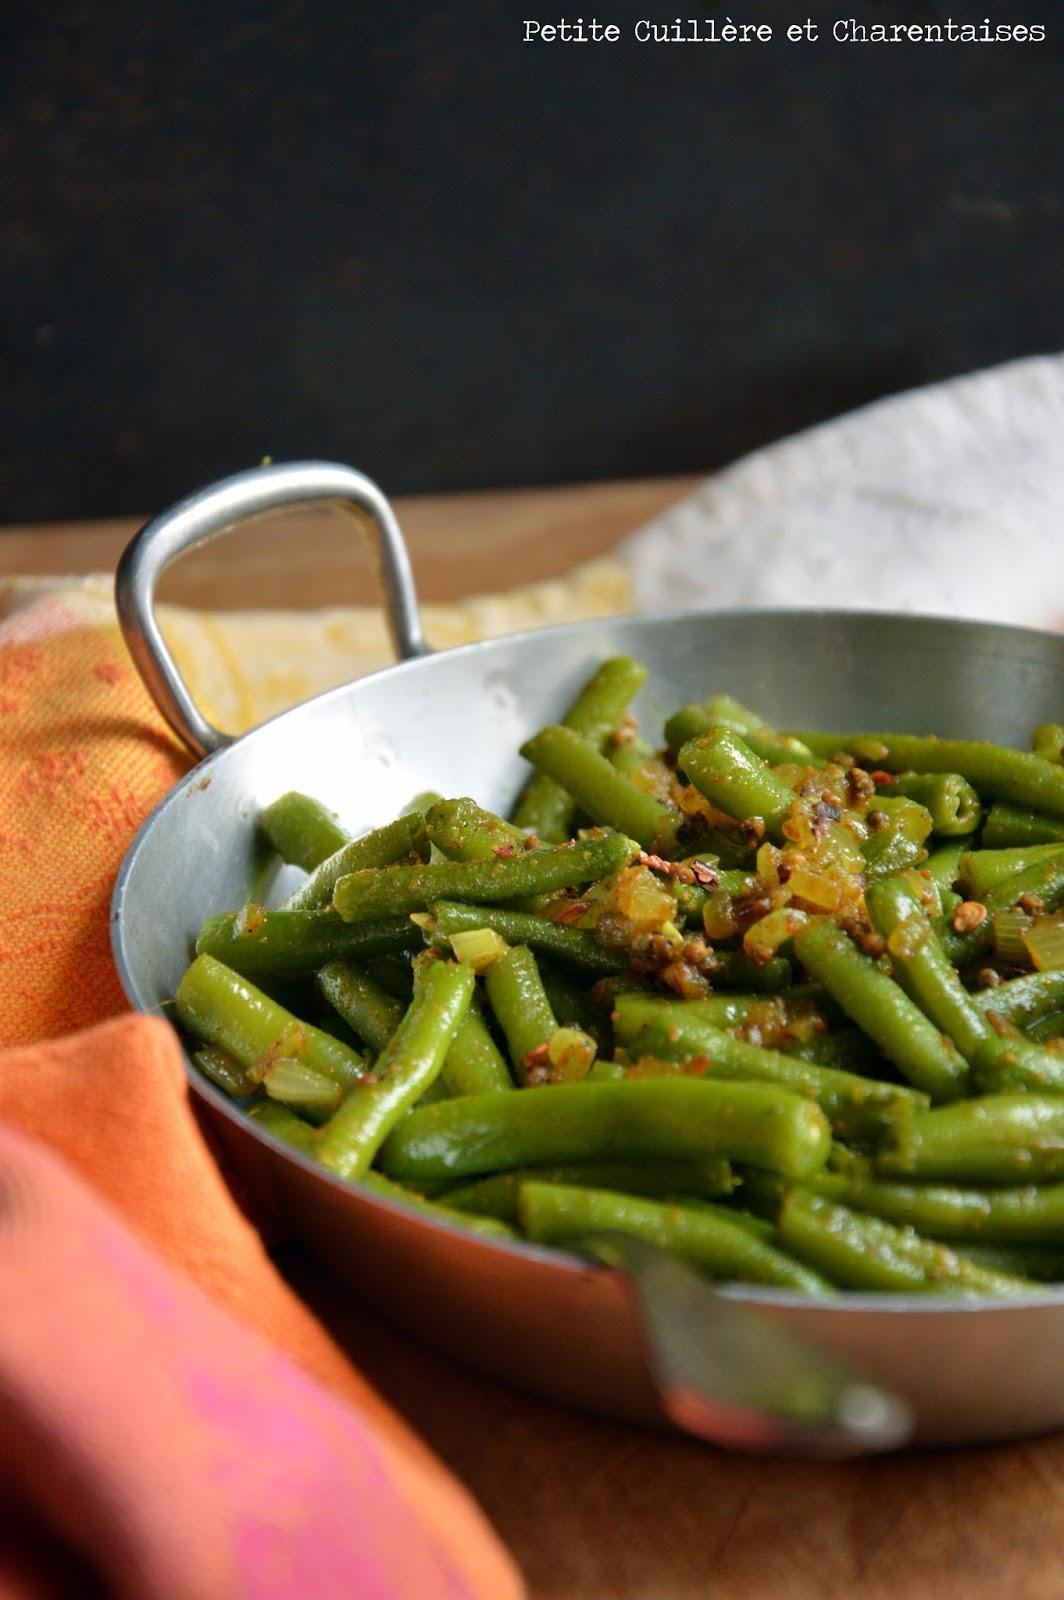 petite cuill re et charentaises haricots verts l 39 indienne curry et graines de moutarde. Black Bedroom Furniture Sets. Home Design Ideas